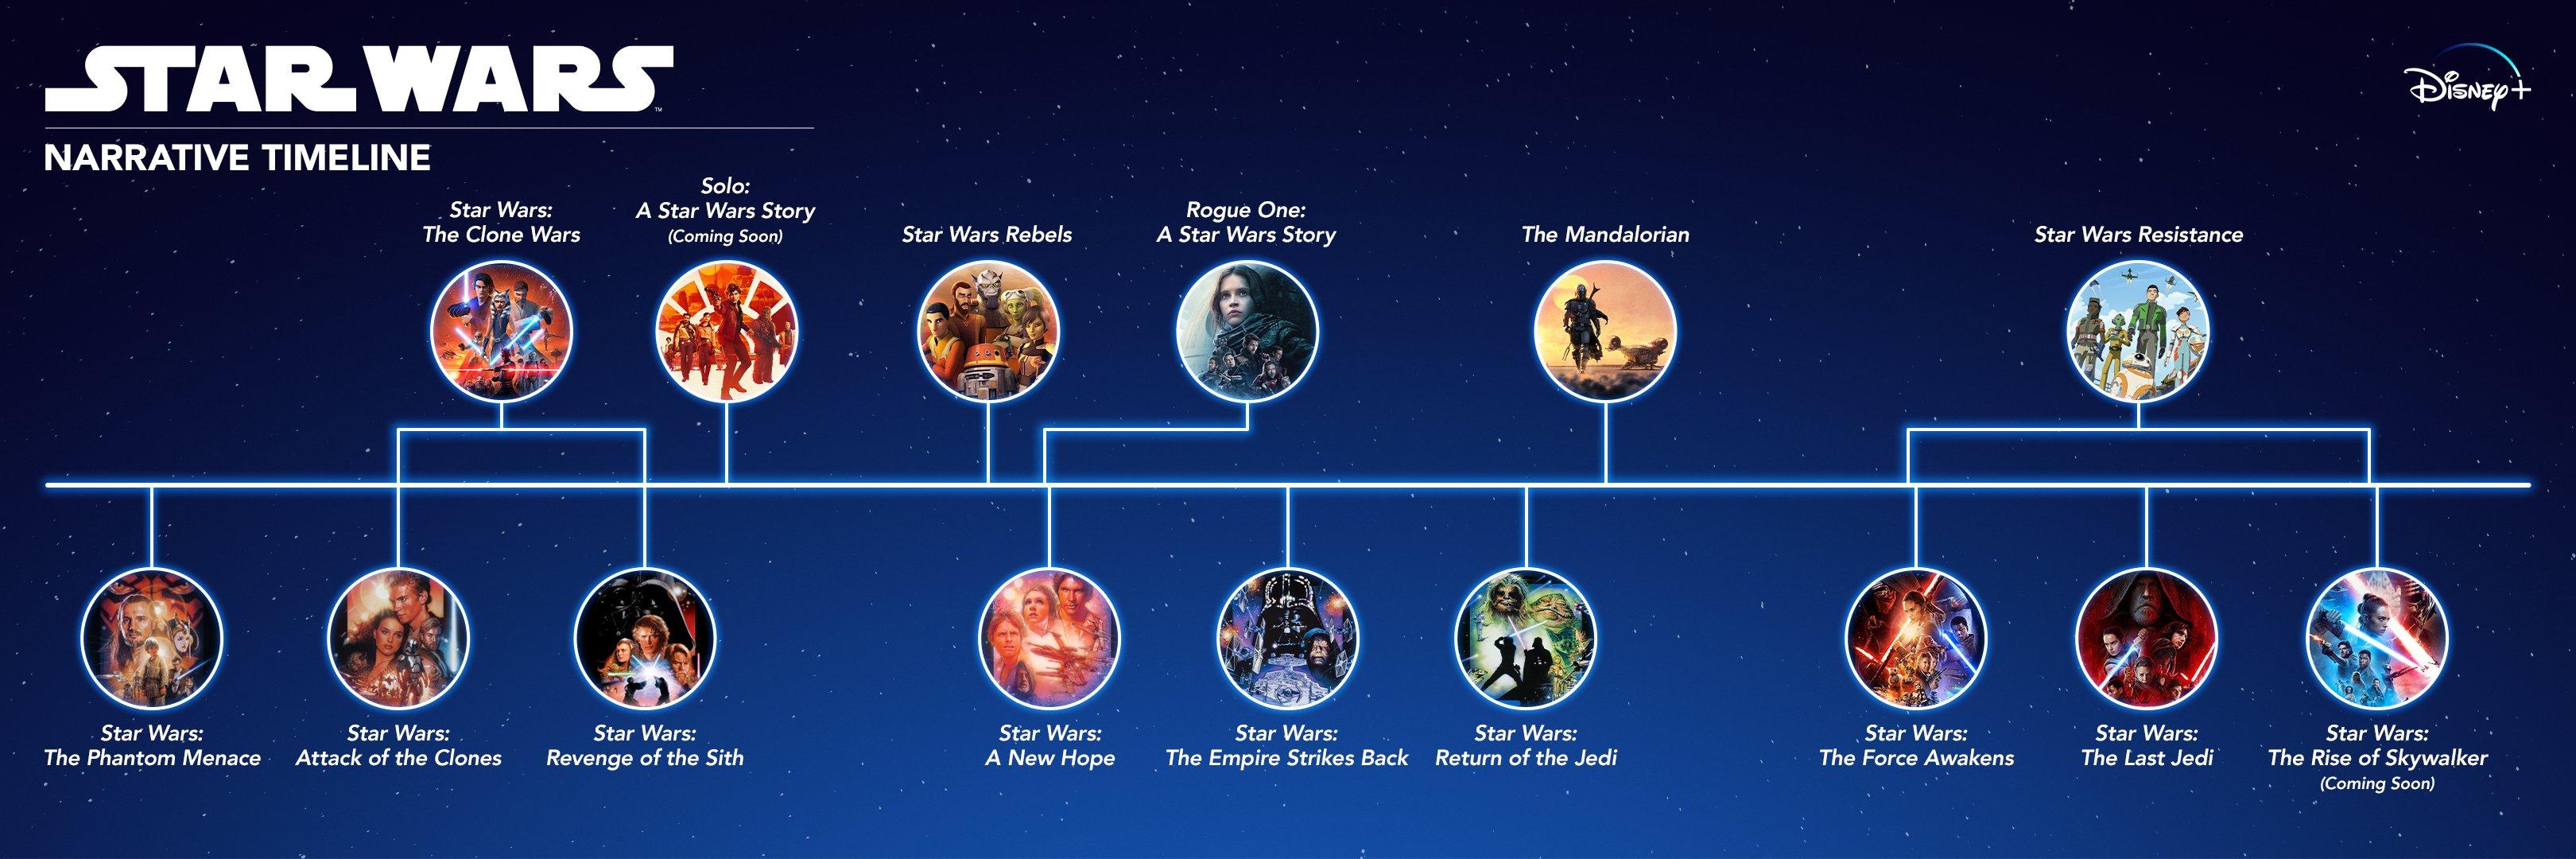 《星球大战》系列官方完整叙事时间线 仅剩索罗外传未播